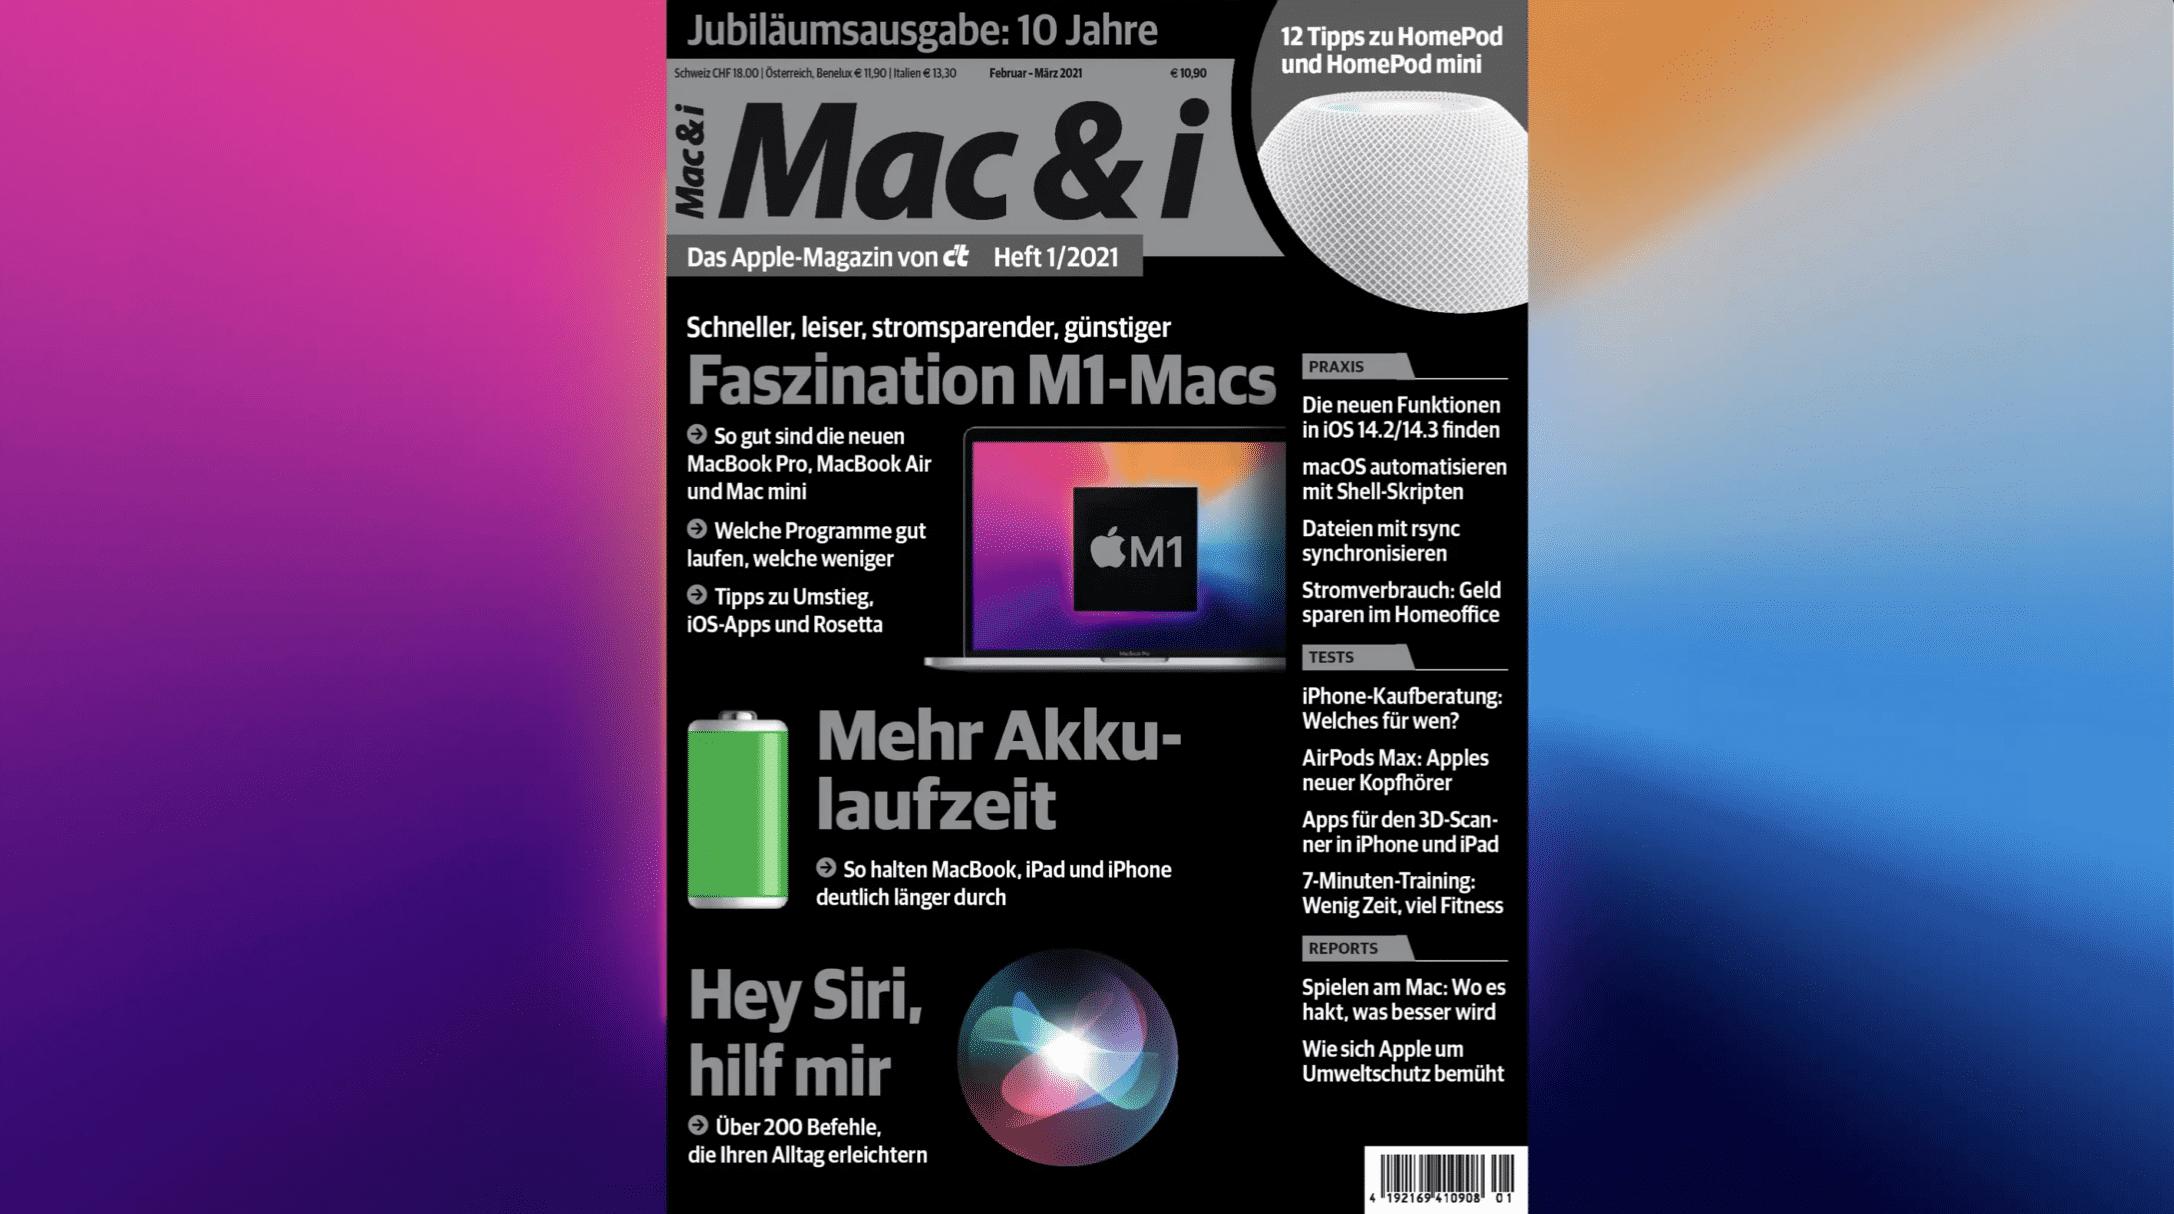 Mac & i Heft 1/2021